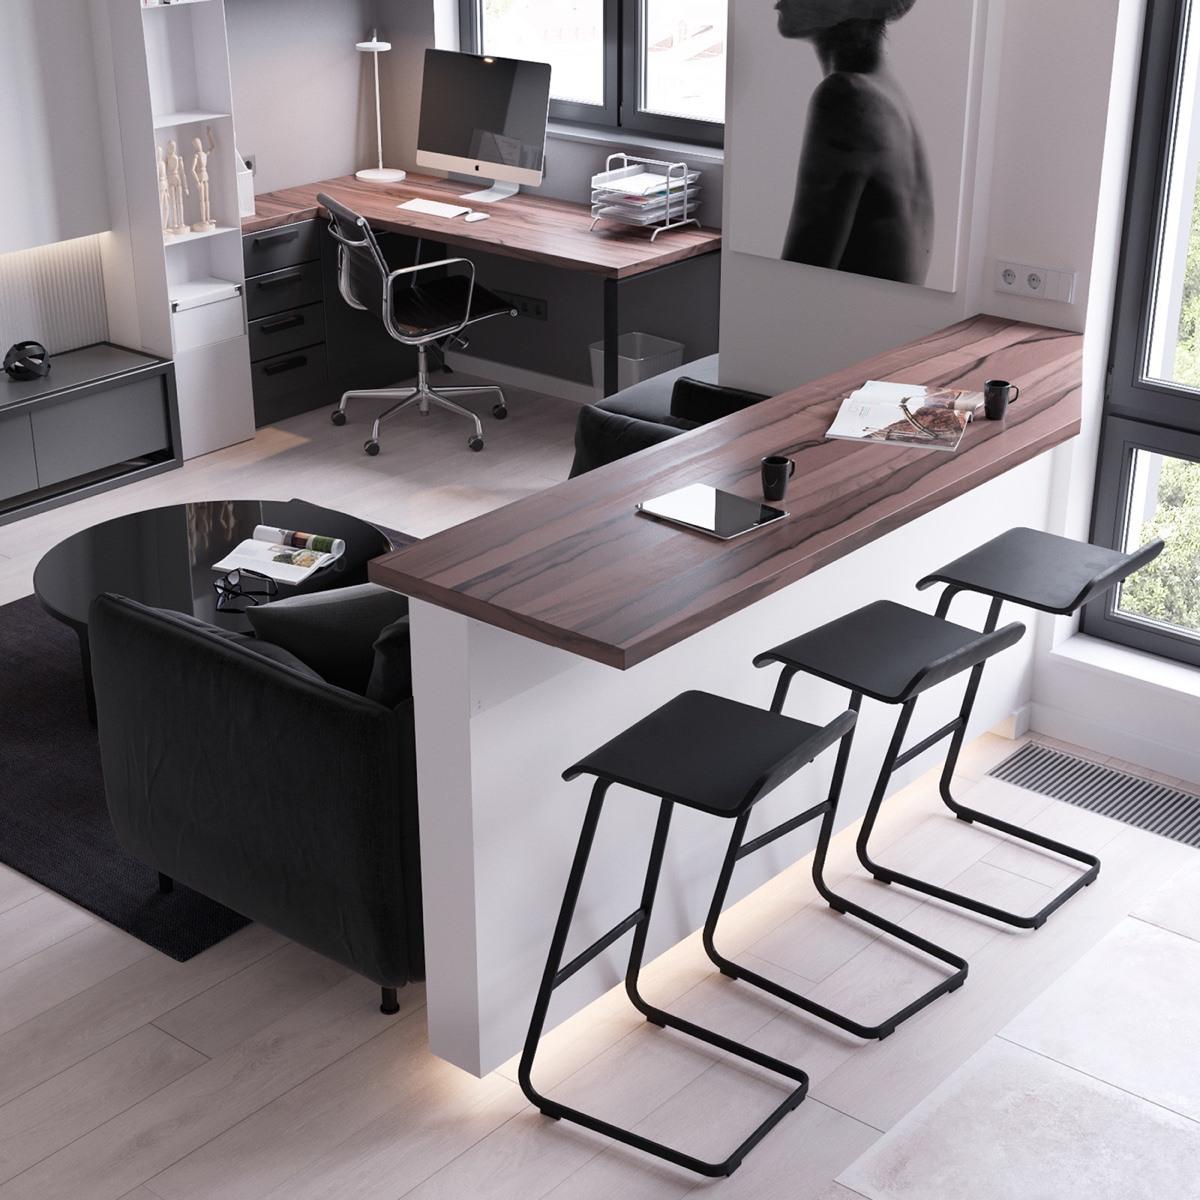 Thích mê 3 căn hộ hiện đại với diện tích khiêm tốn dưới 50m2 - Ảnh 10.